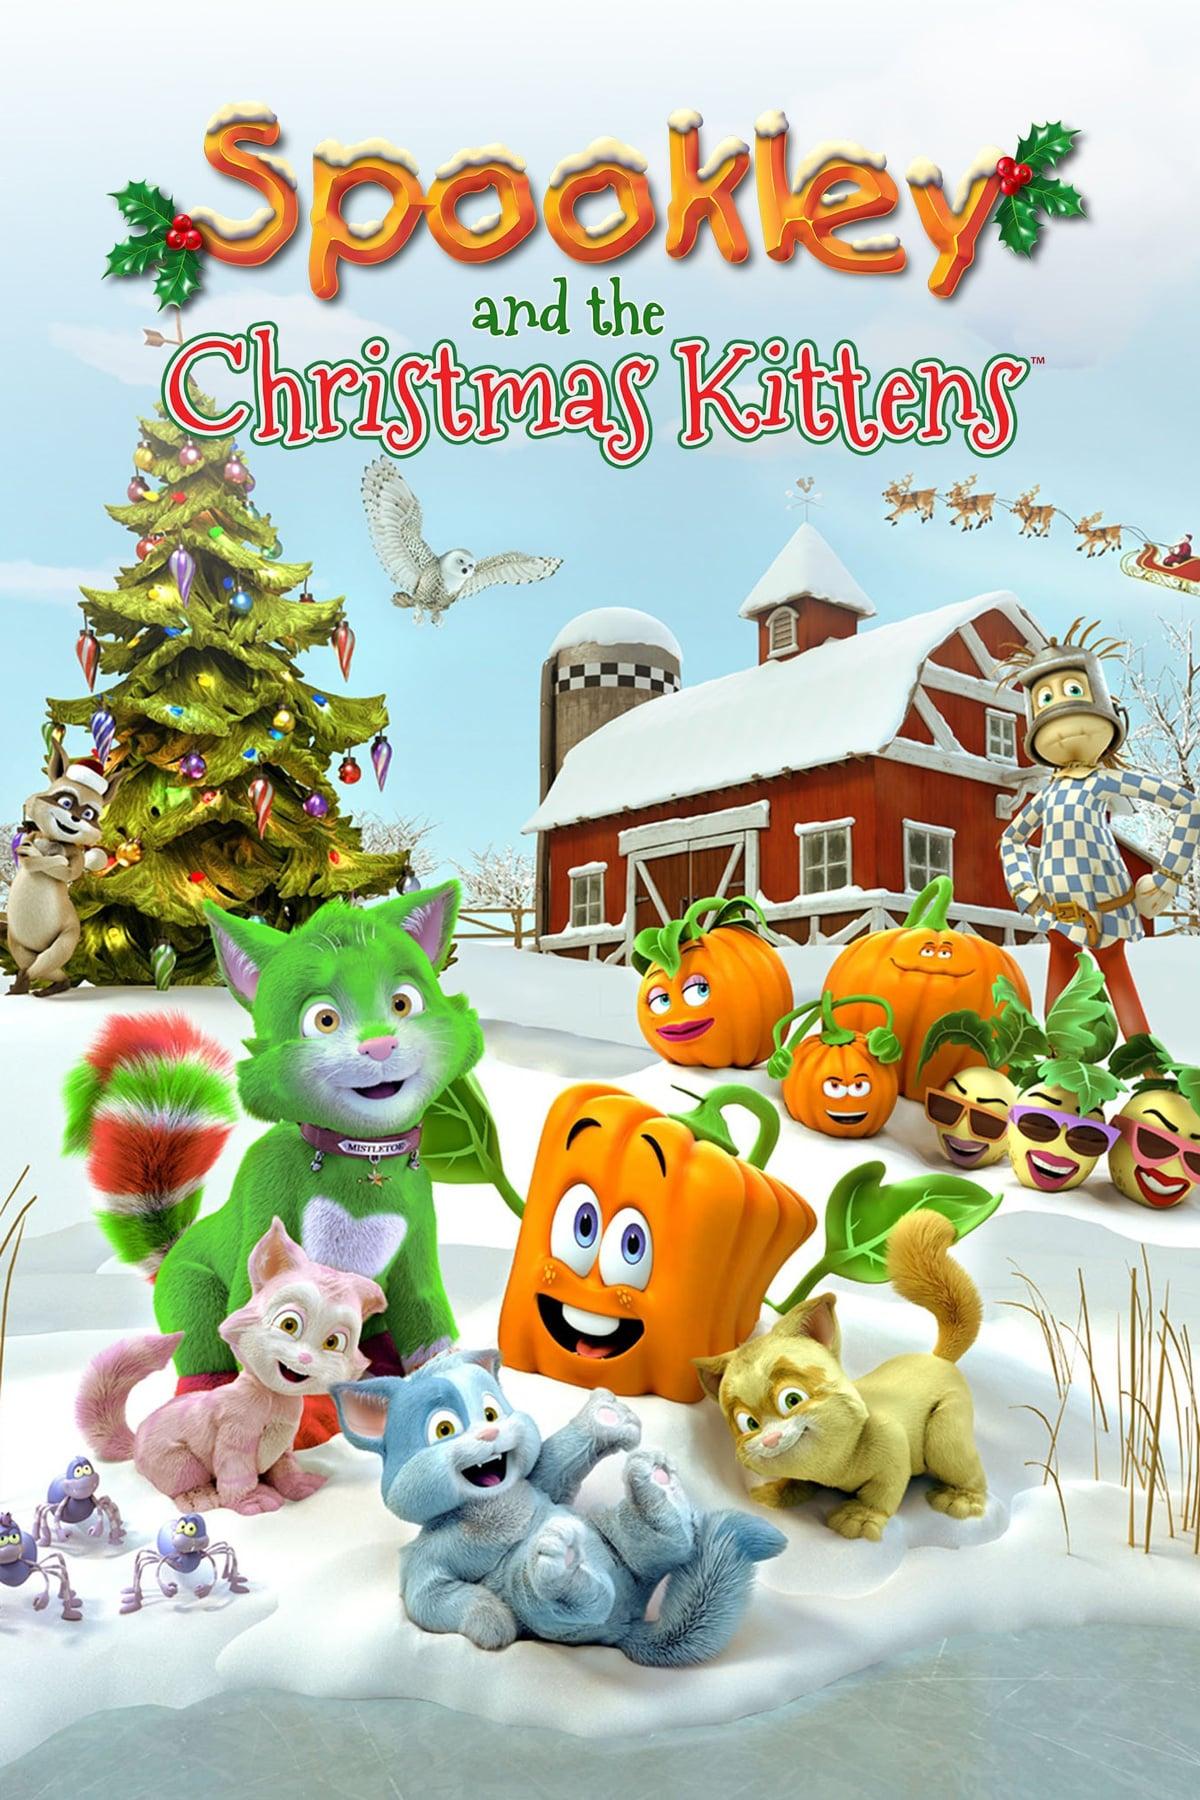 دانلود انیمیشنSpookley and the Christmas Kittens 2019 با دوبله فارسی